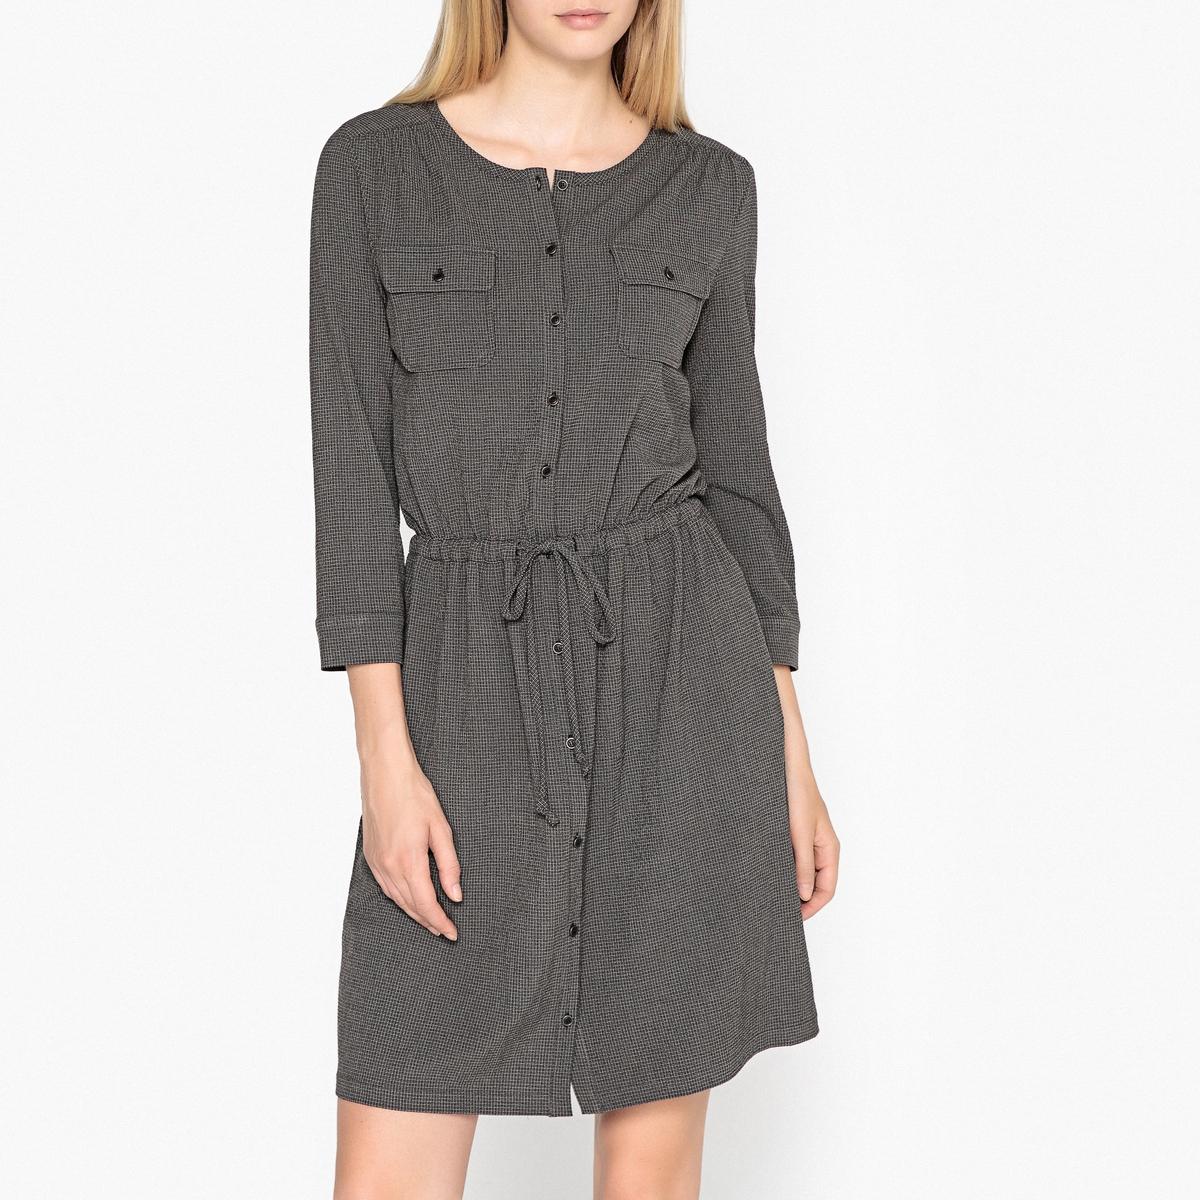 Платье HARRIS WILSON 10485282 от LaRedoute